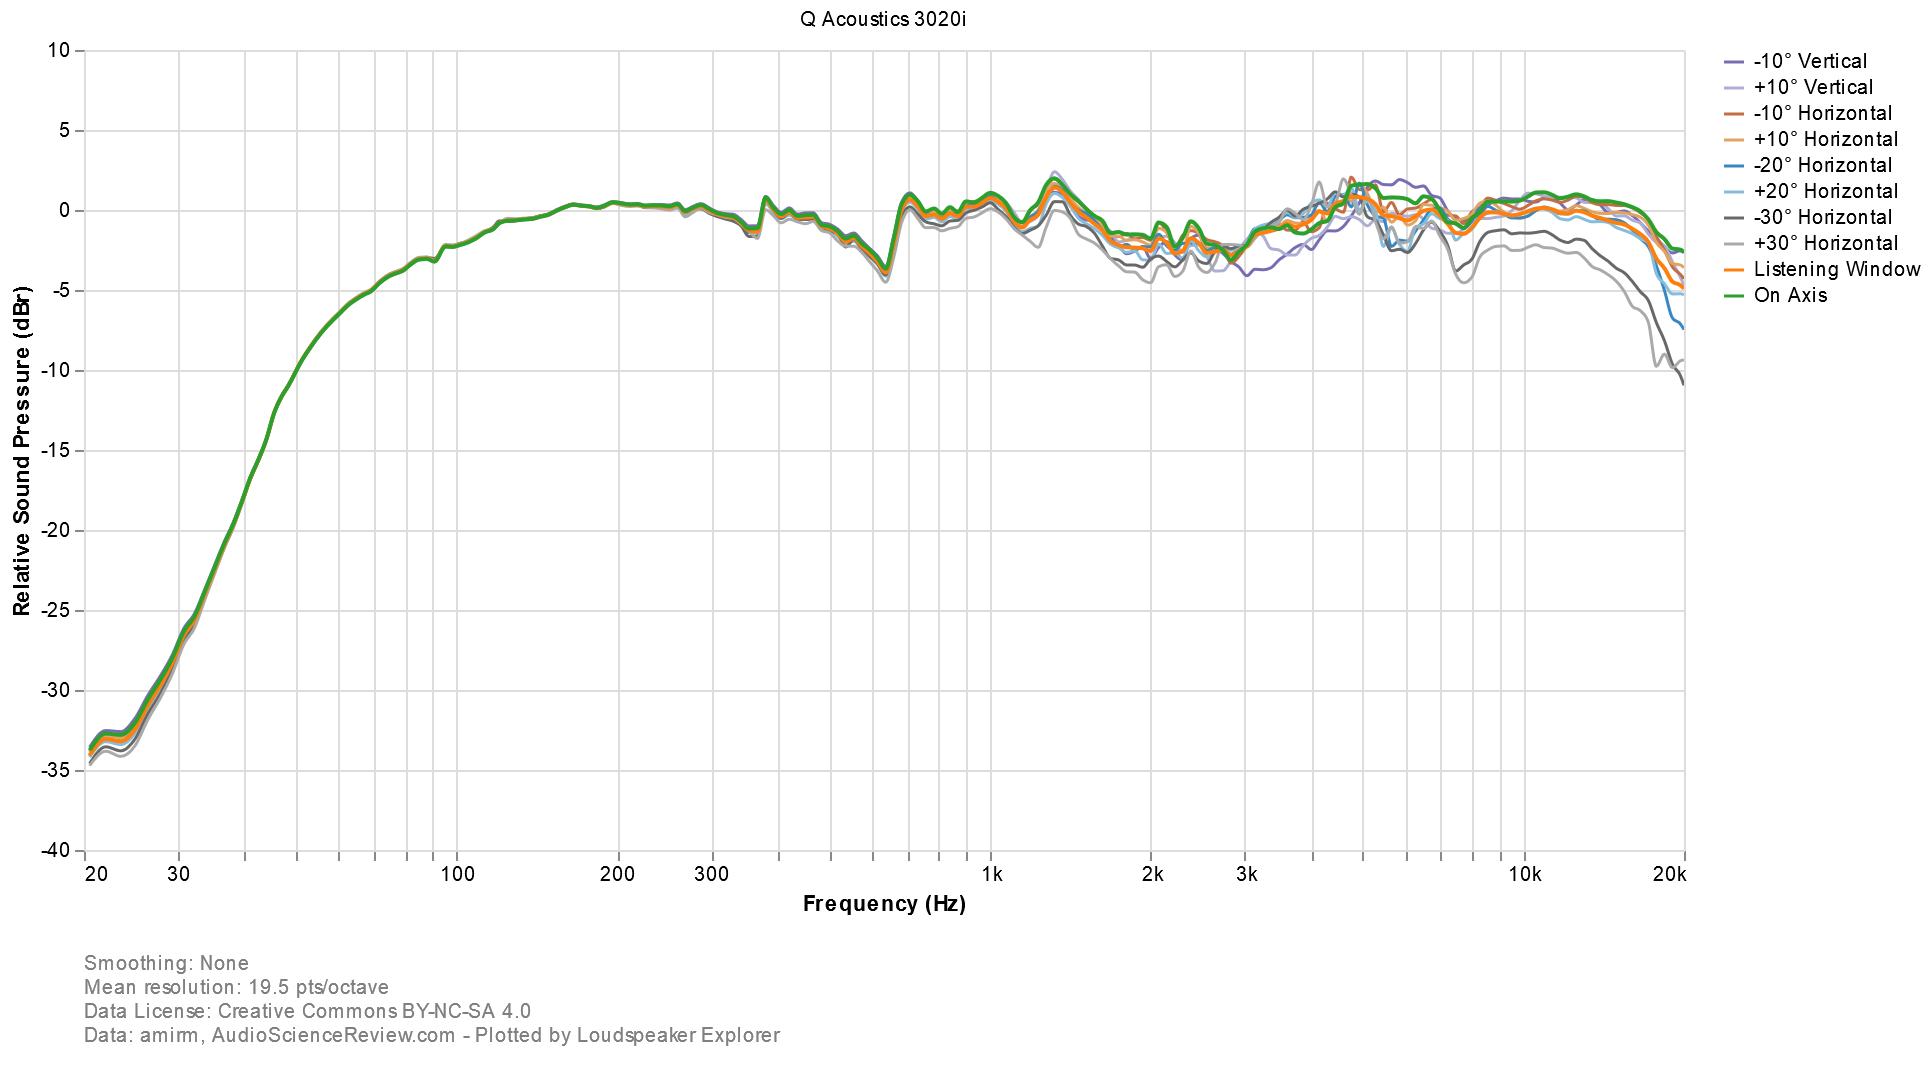 Loudspeaker Explorer chart(4).png